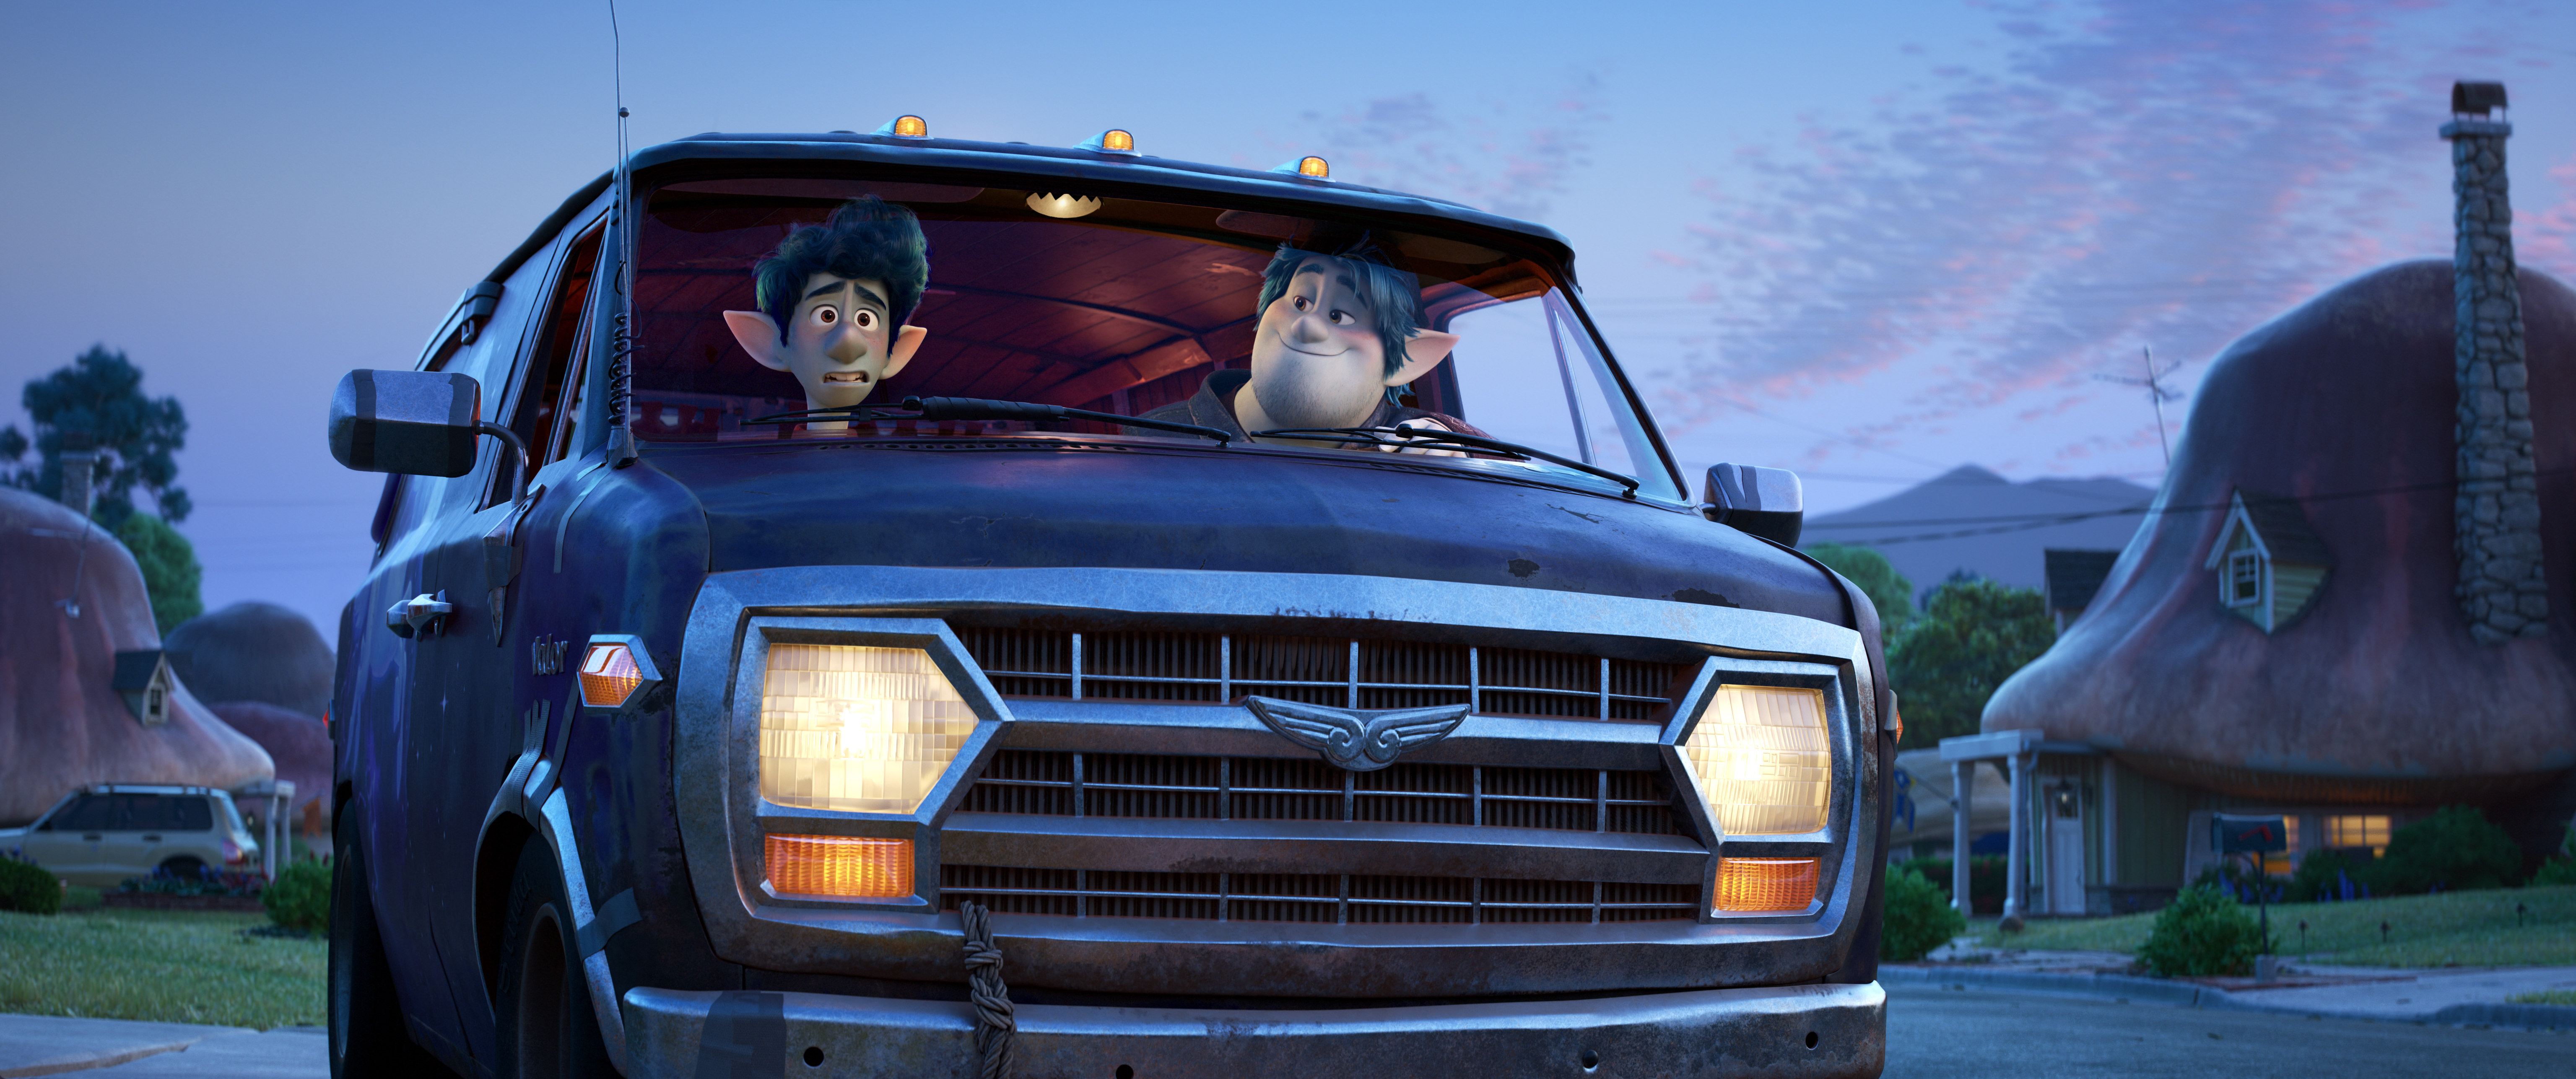 Onward: trailer e poster del nuovo film d'animazione Disney Pixar